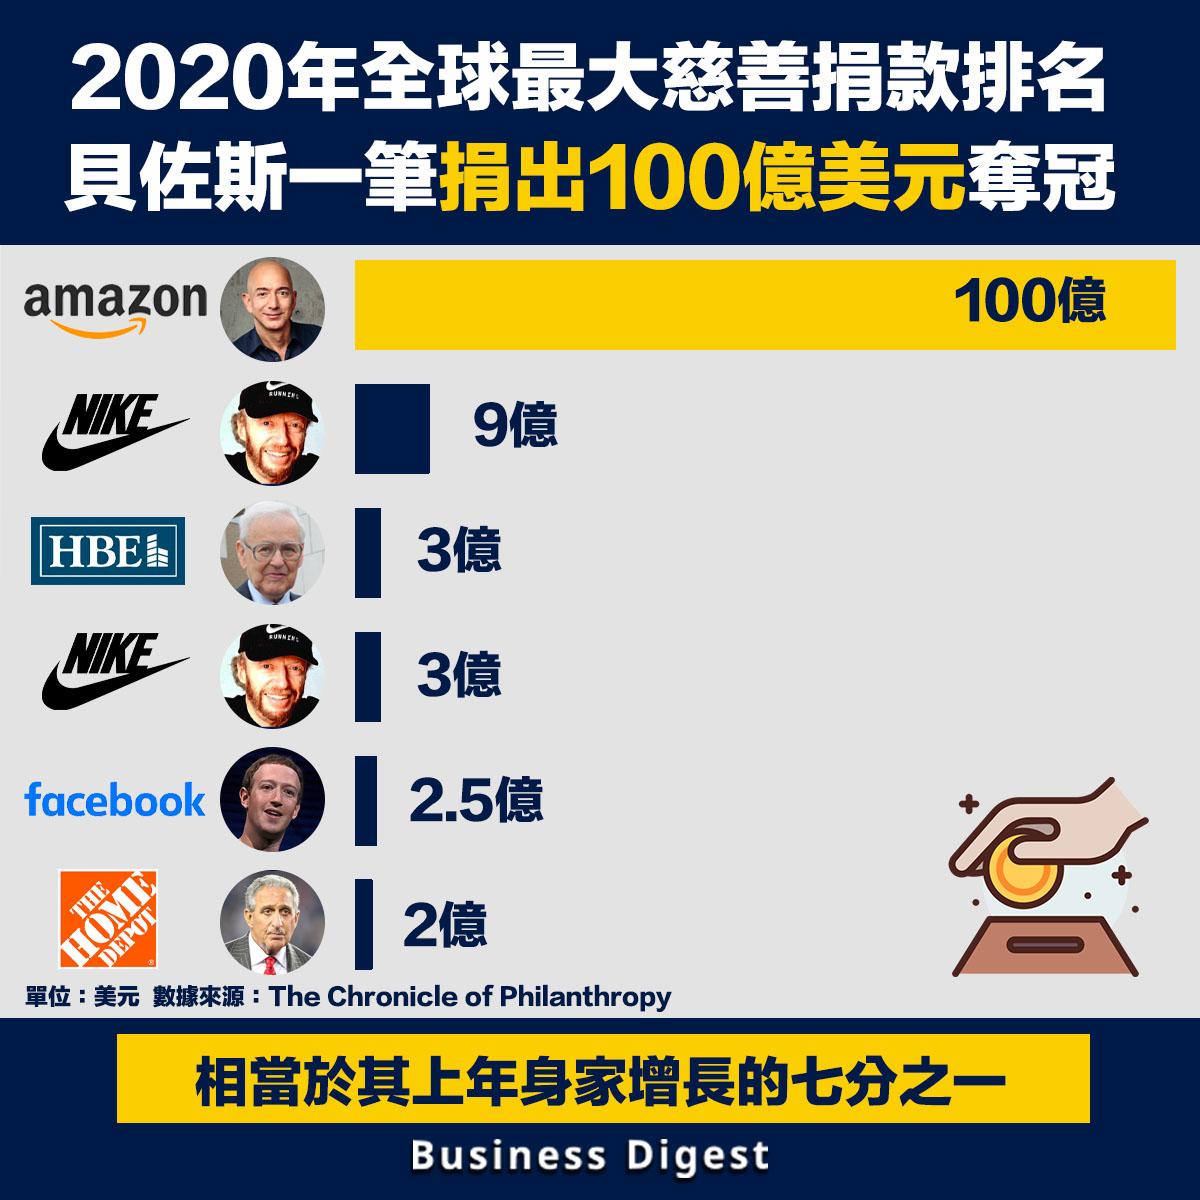 2020年全球最大慈善捐款排名,貝佐斯一筆捐出100億美元奪冠